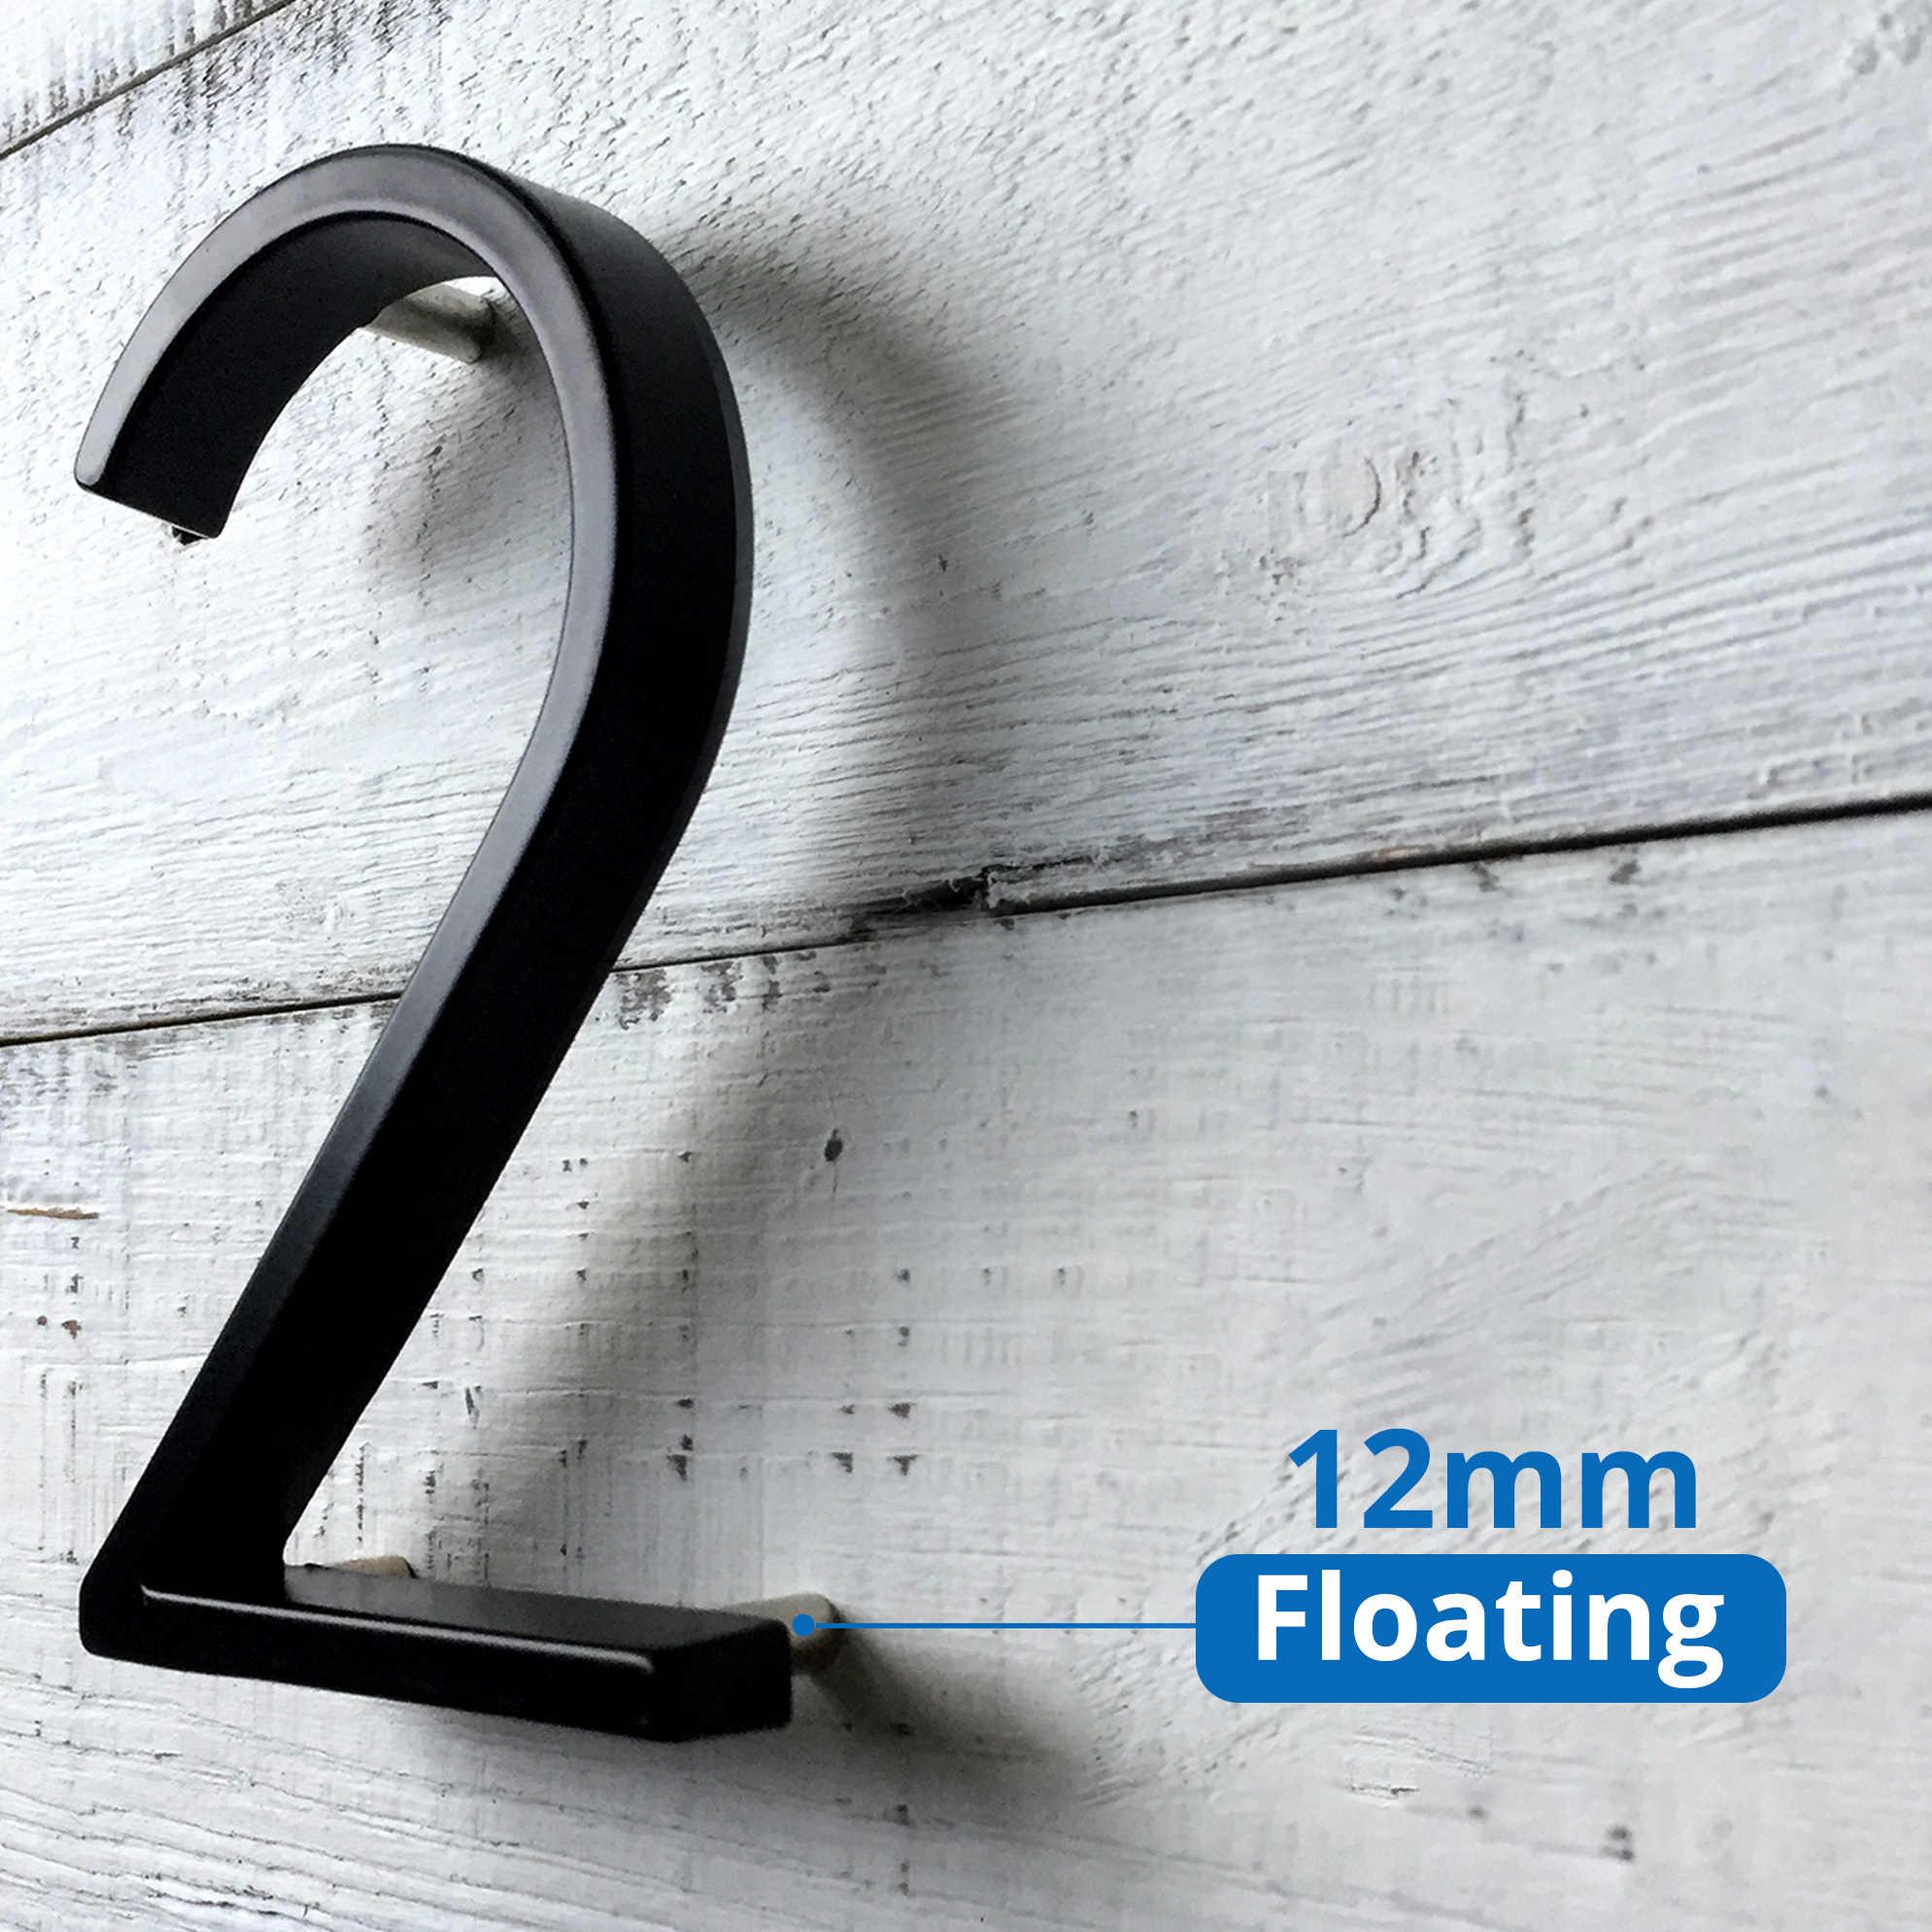 125mm Rumah Apung Nomor Huruf Modern Besar Pintu Alphabet Home Outdoor 5 di. Nomor hitam Alamat Plakat Dash Slash Tanda #0-9